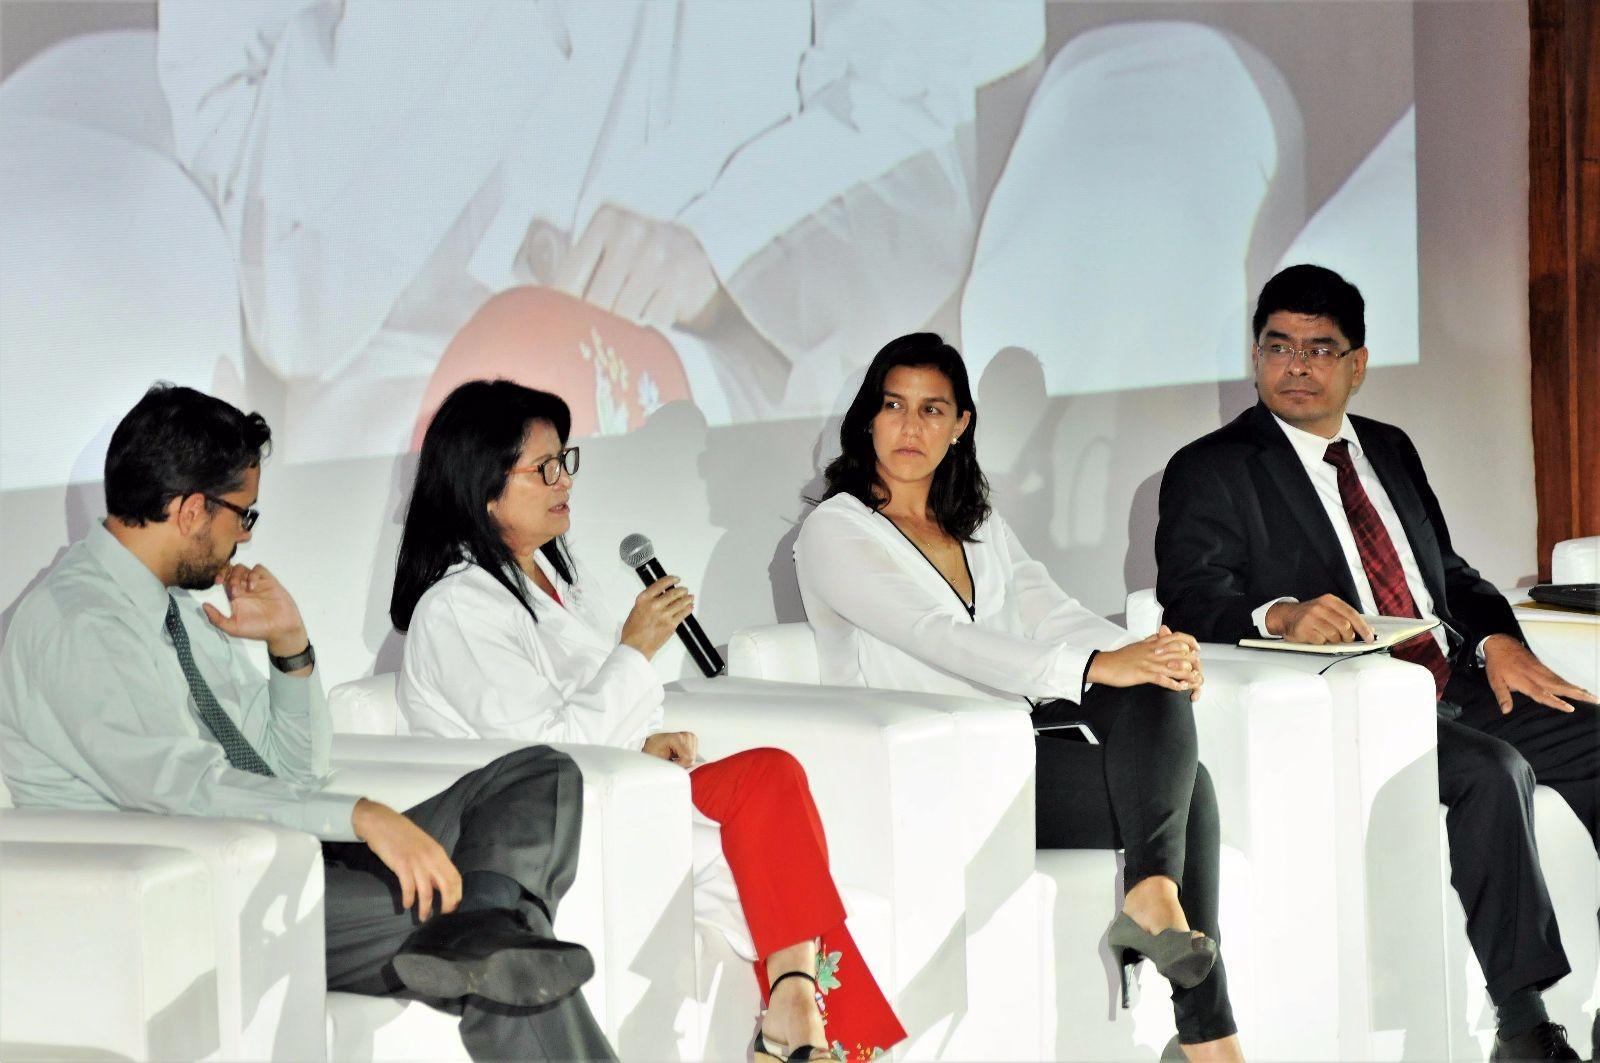 Dr. Andrés Hernandez, Dra. Emma Verástegui, Mariana Navarro y Jorge Yañez